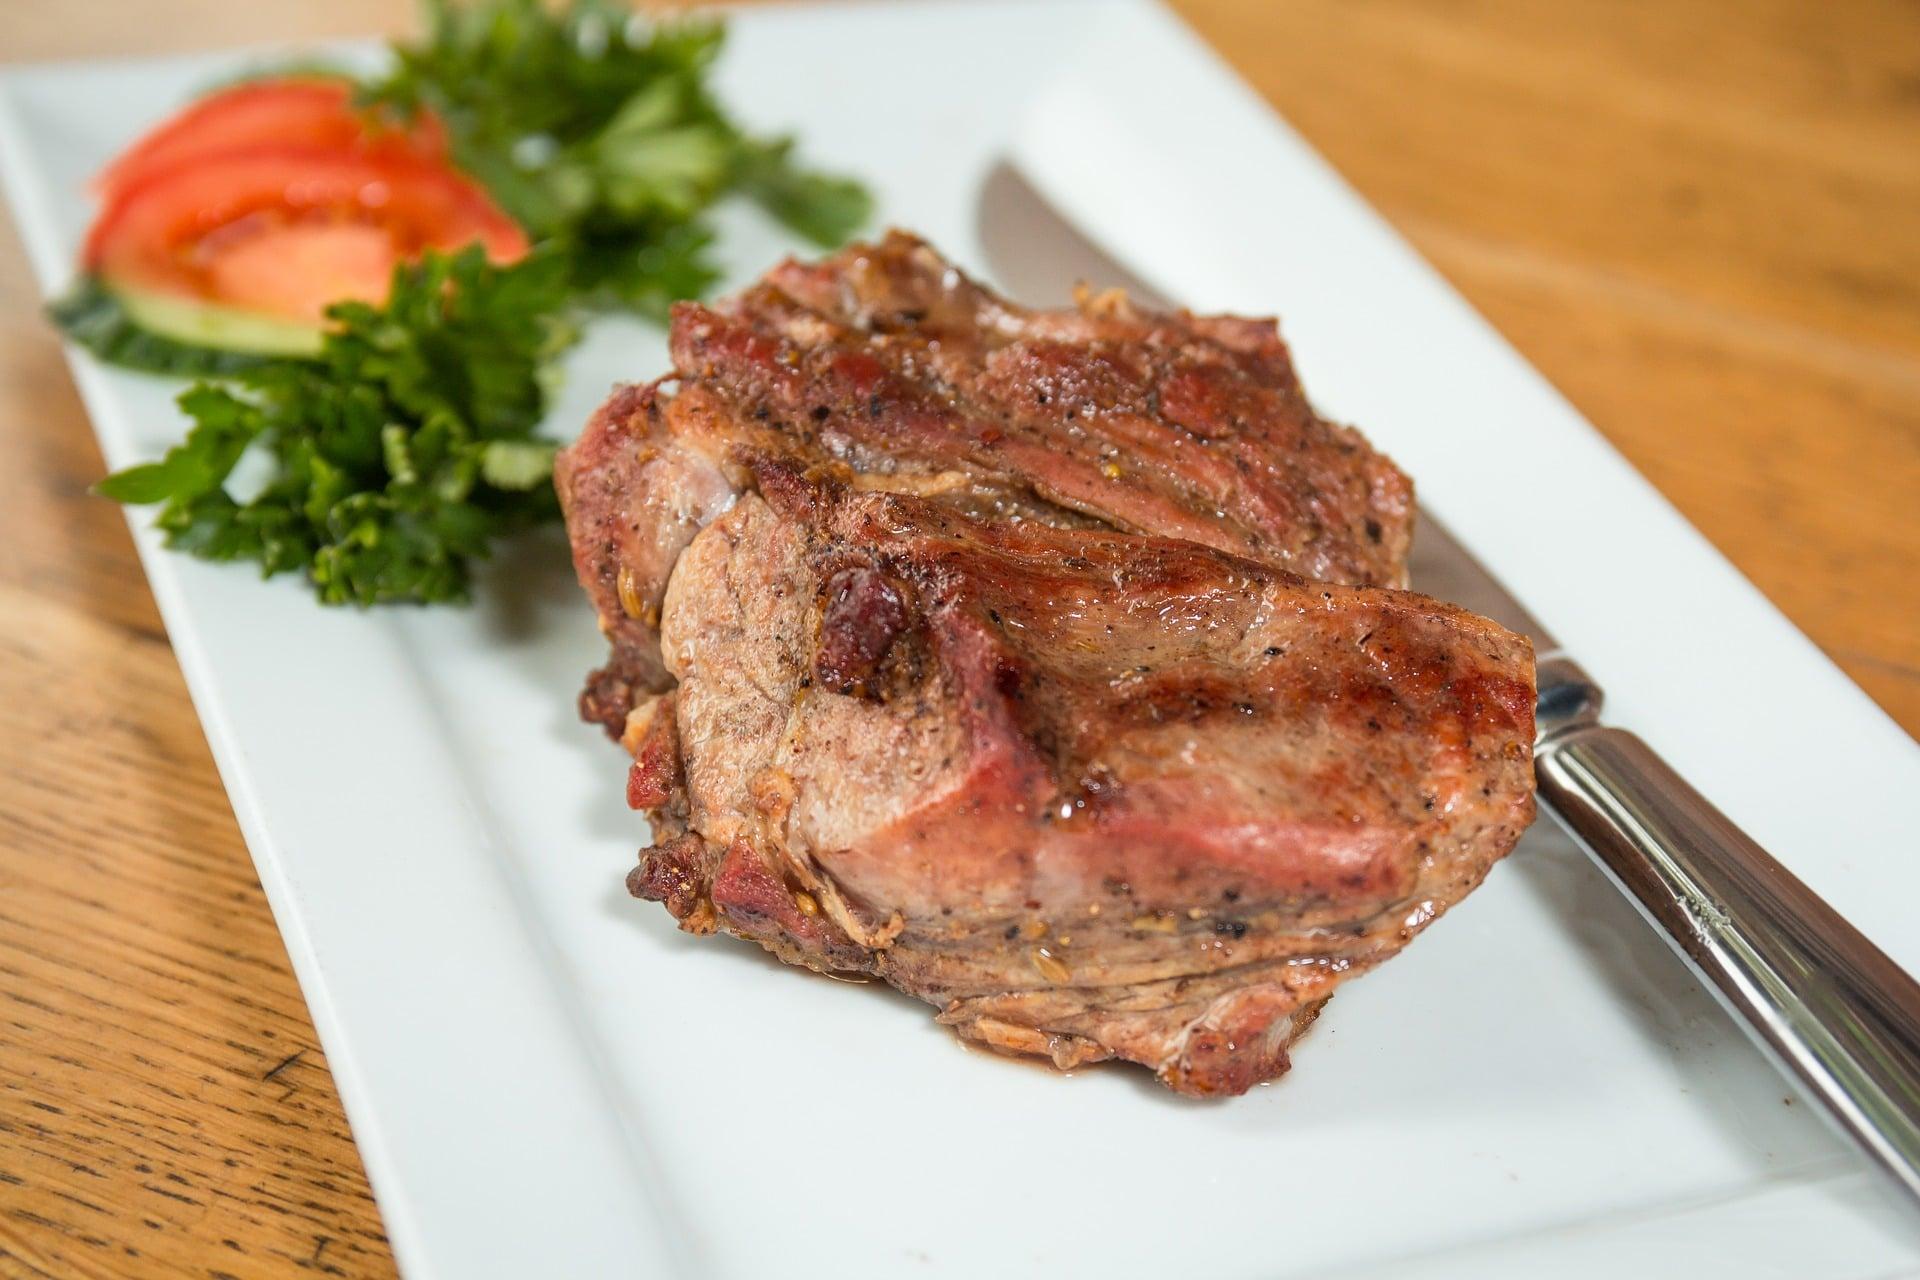 steak cooking, steak cuts